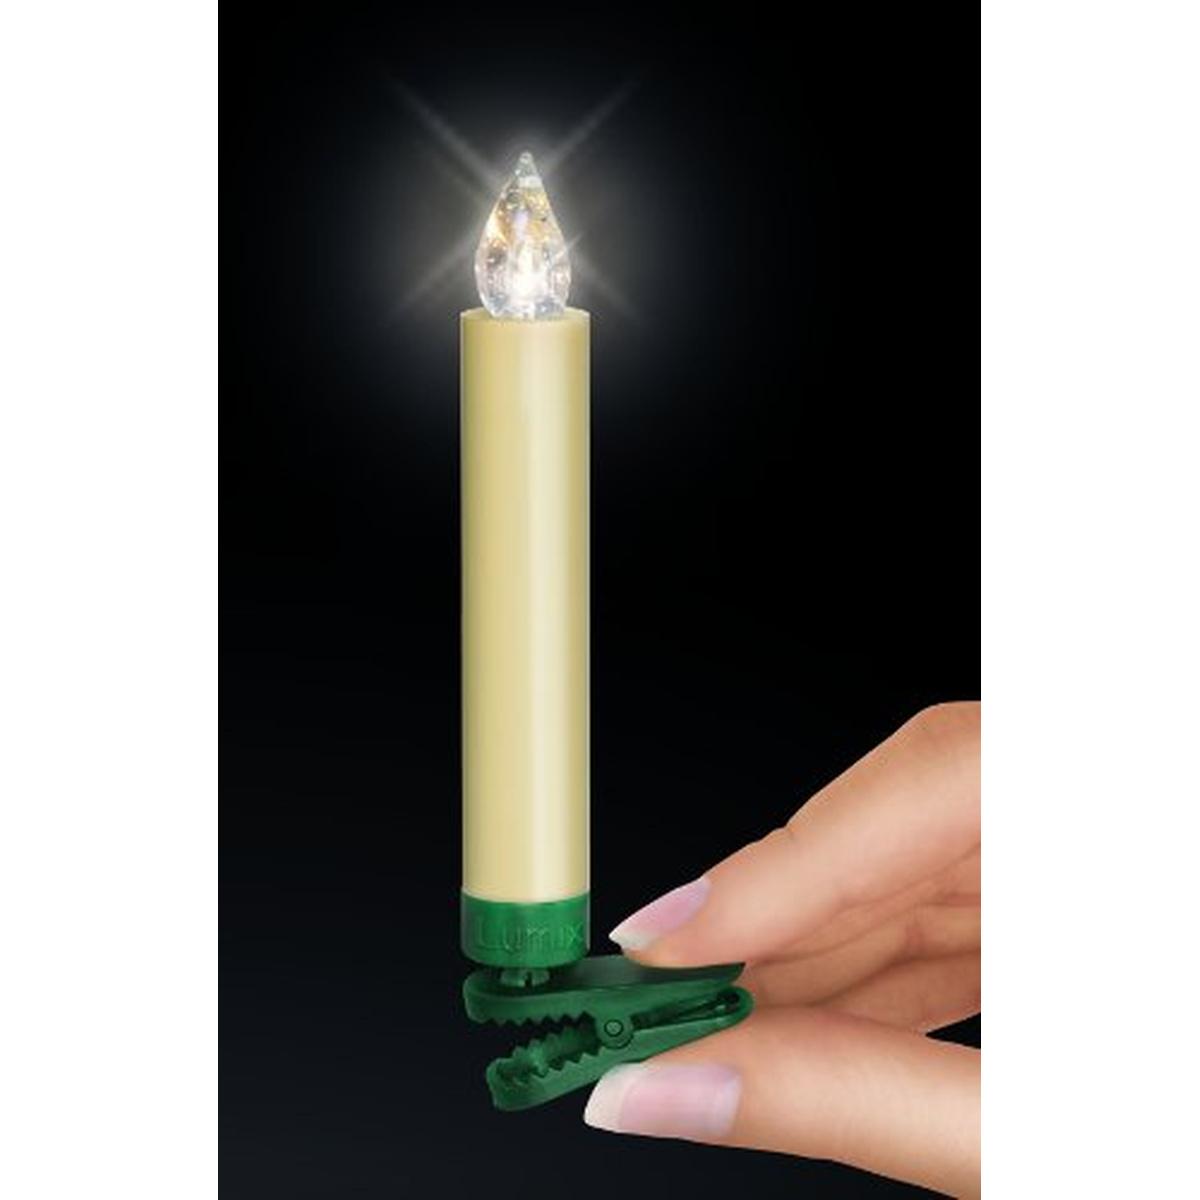 Lumix superlight led christbaumkerzen 5er erweiterungs set for Lumix superlight